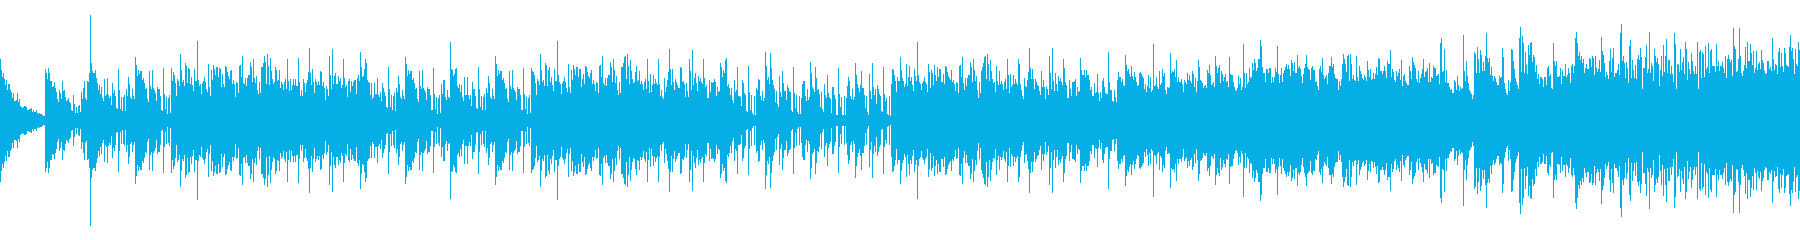 悲しみに負けない力強いピアノ/ループ可の再生済みの波形